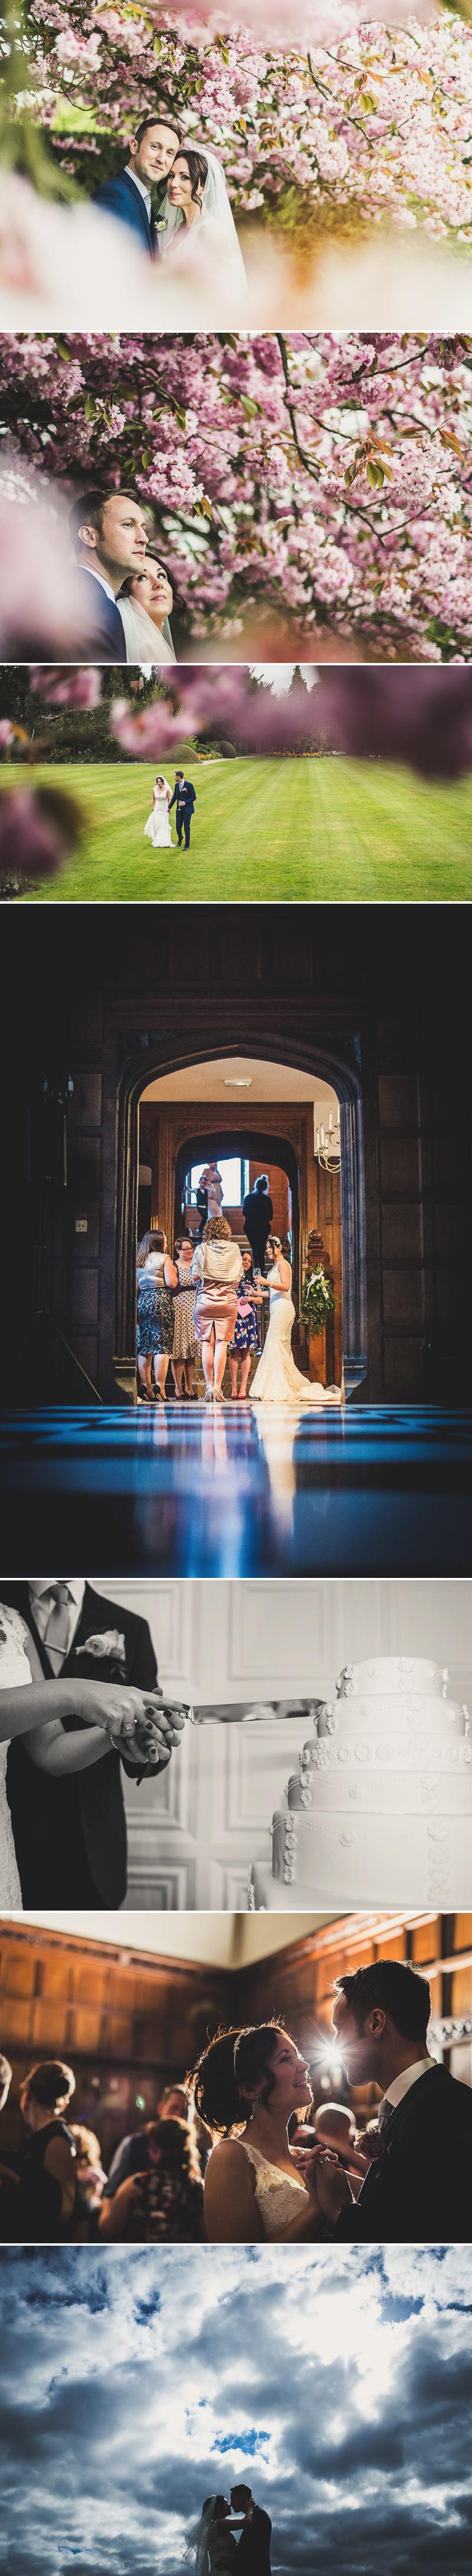 suffolk-wedding-venue-hengrave-hall-wedding-coco-wedding-venues-luis-holden-photography-007